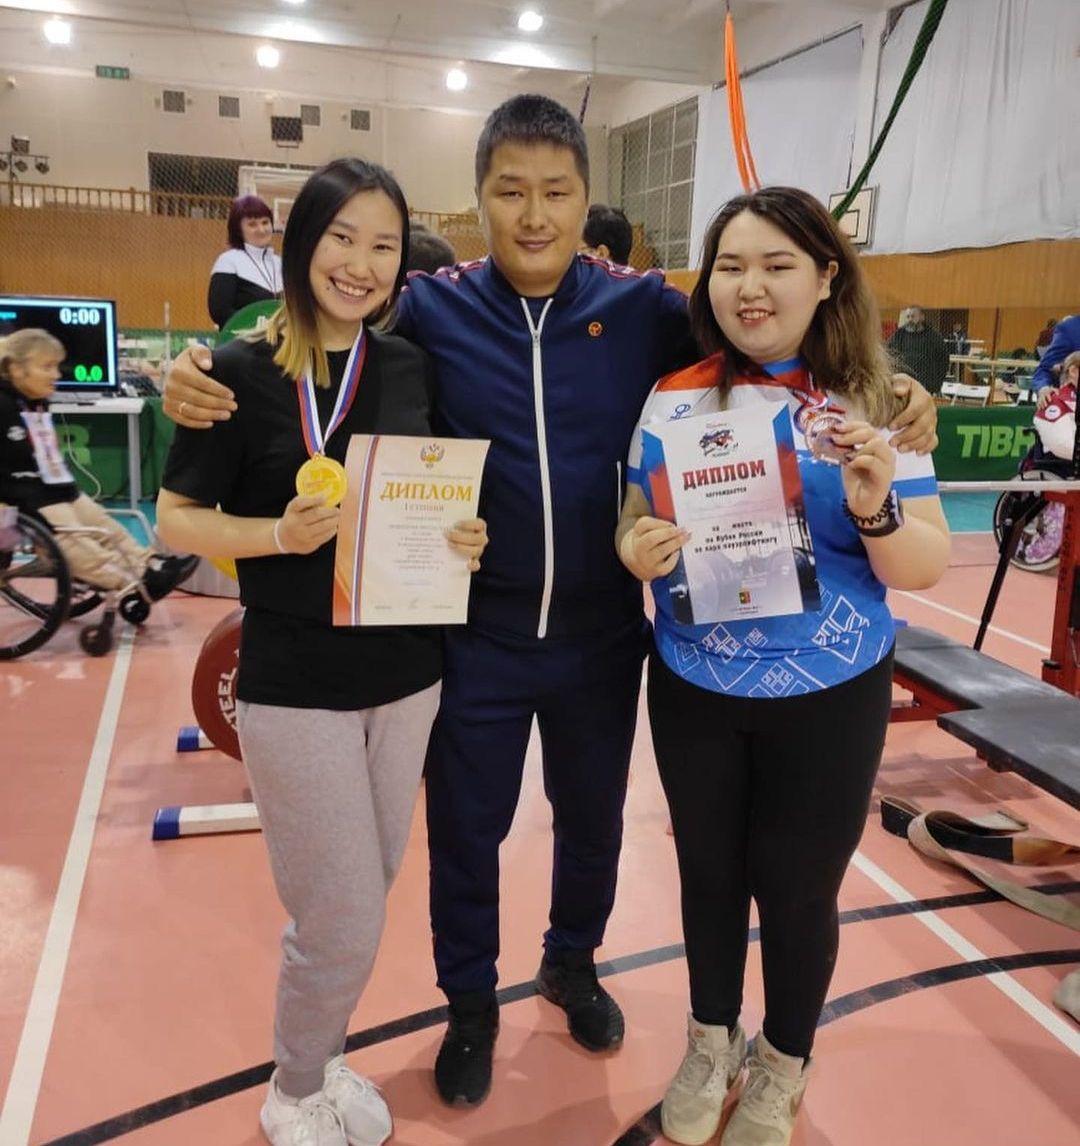 Якутяне завоевали медали чемпионата и Кубка России по пауэрлифтингу